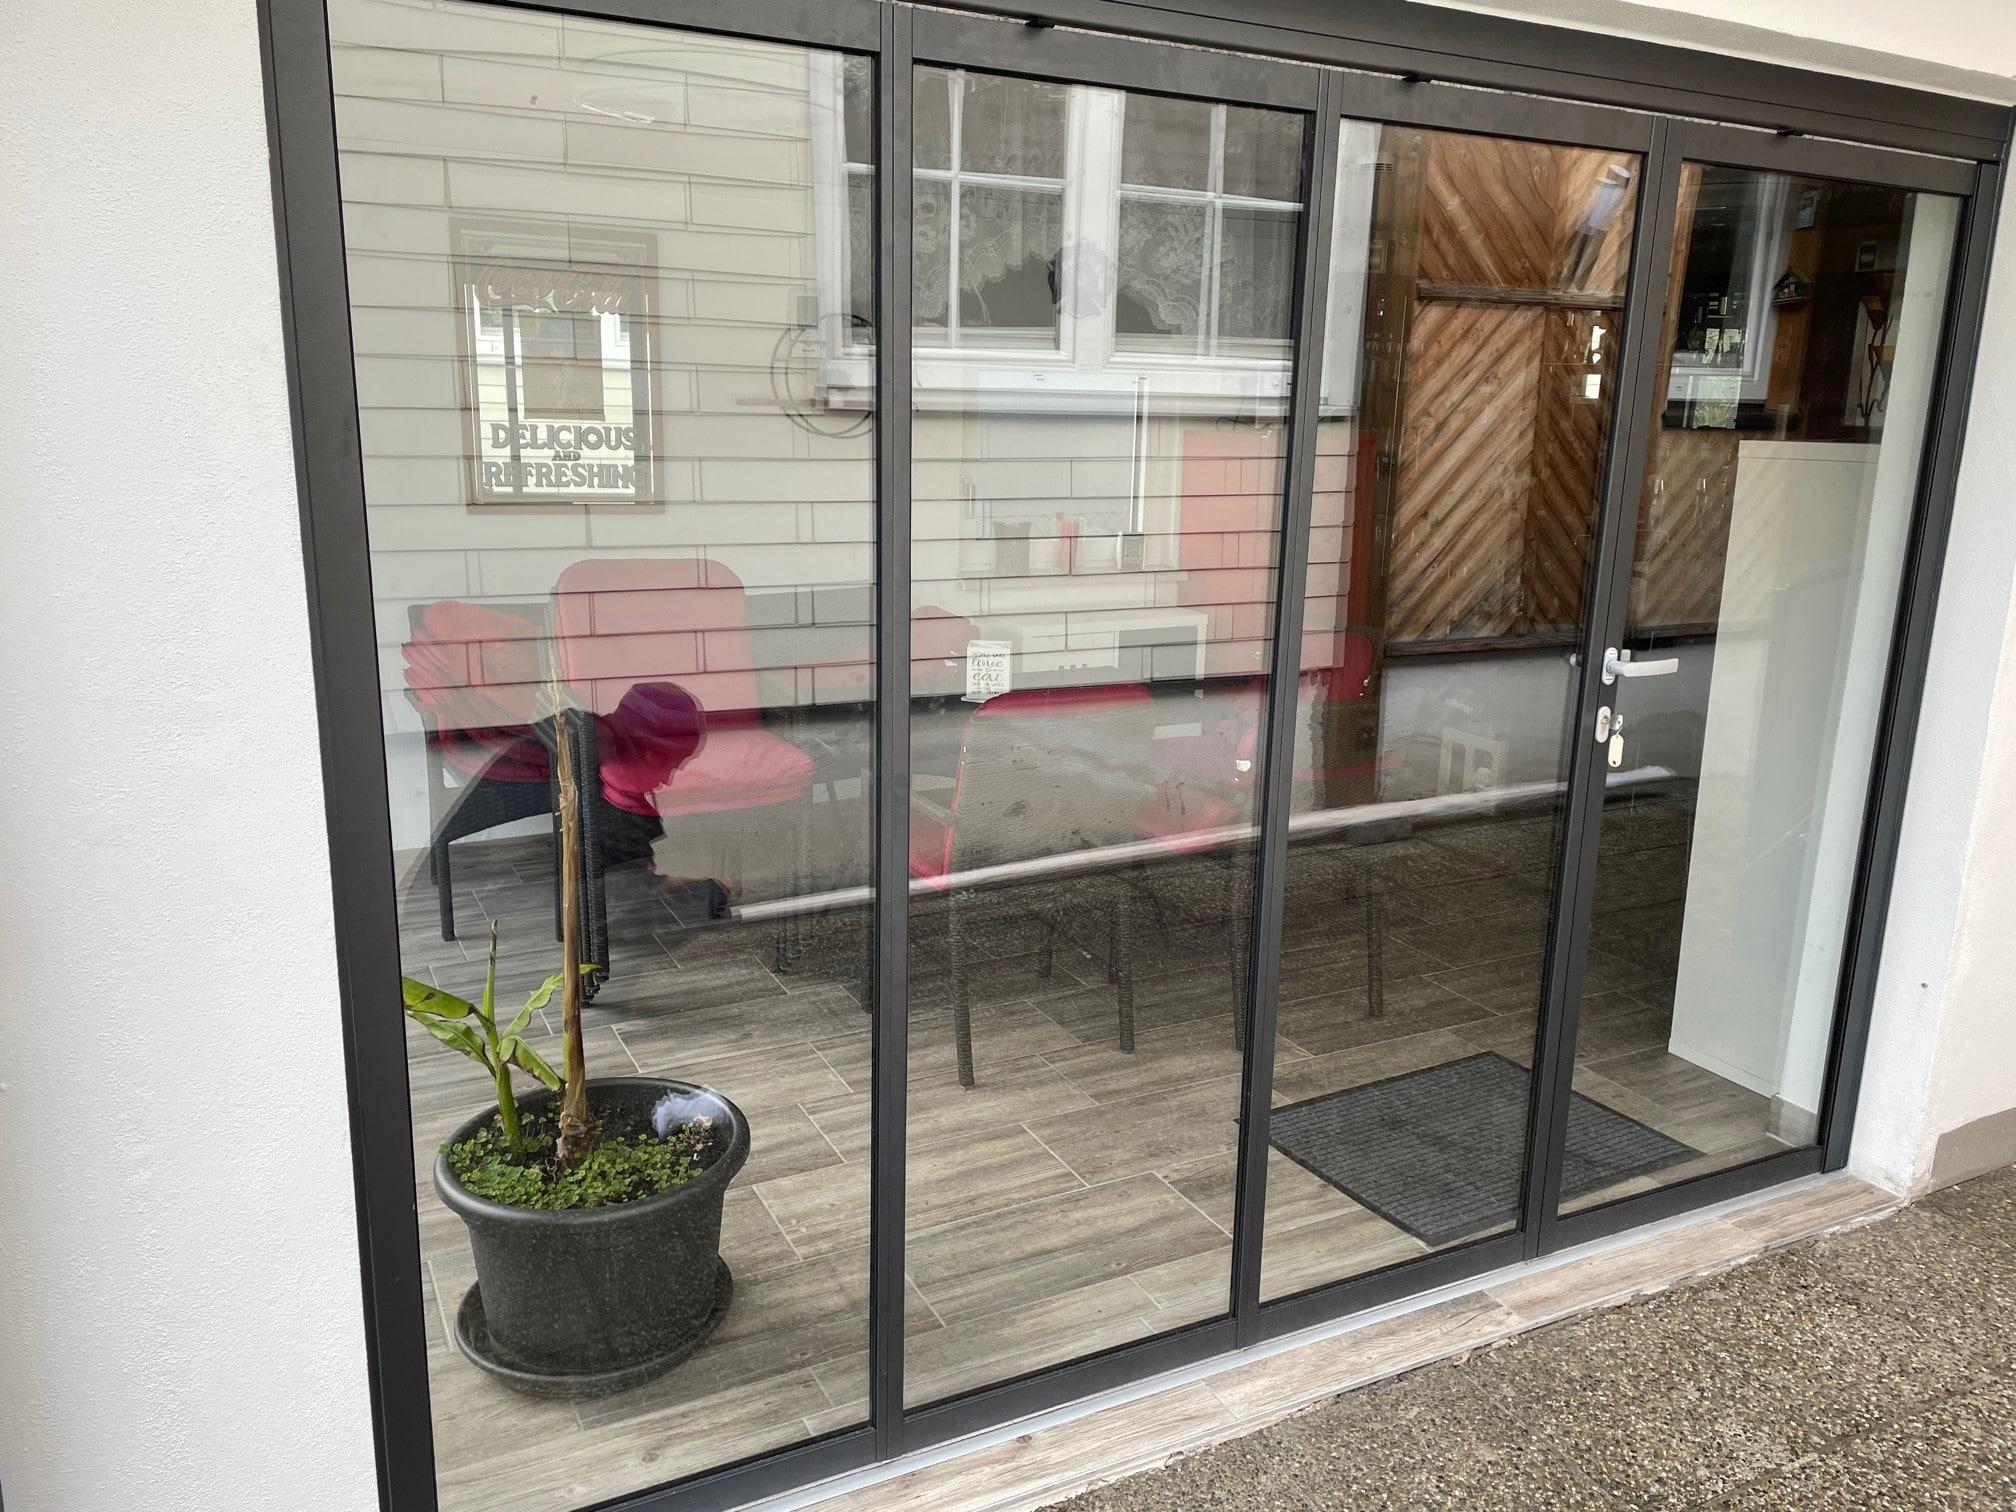 Terrassenverbau mit Schiebe-Drehtürsystem